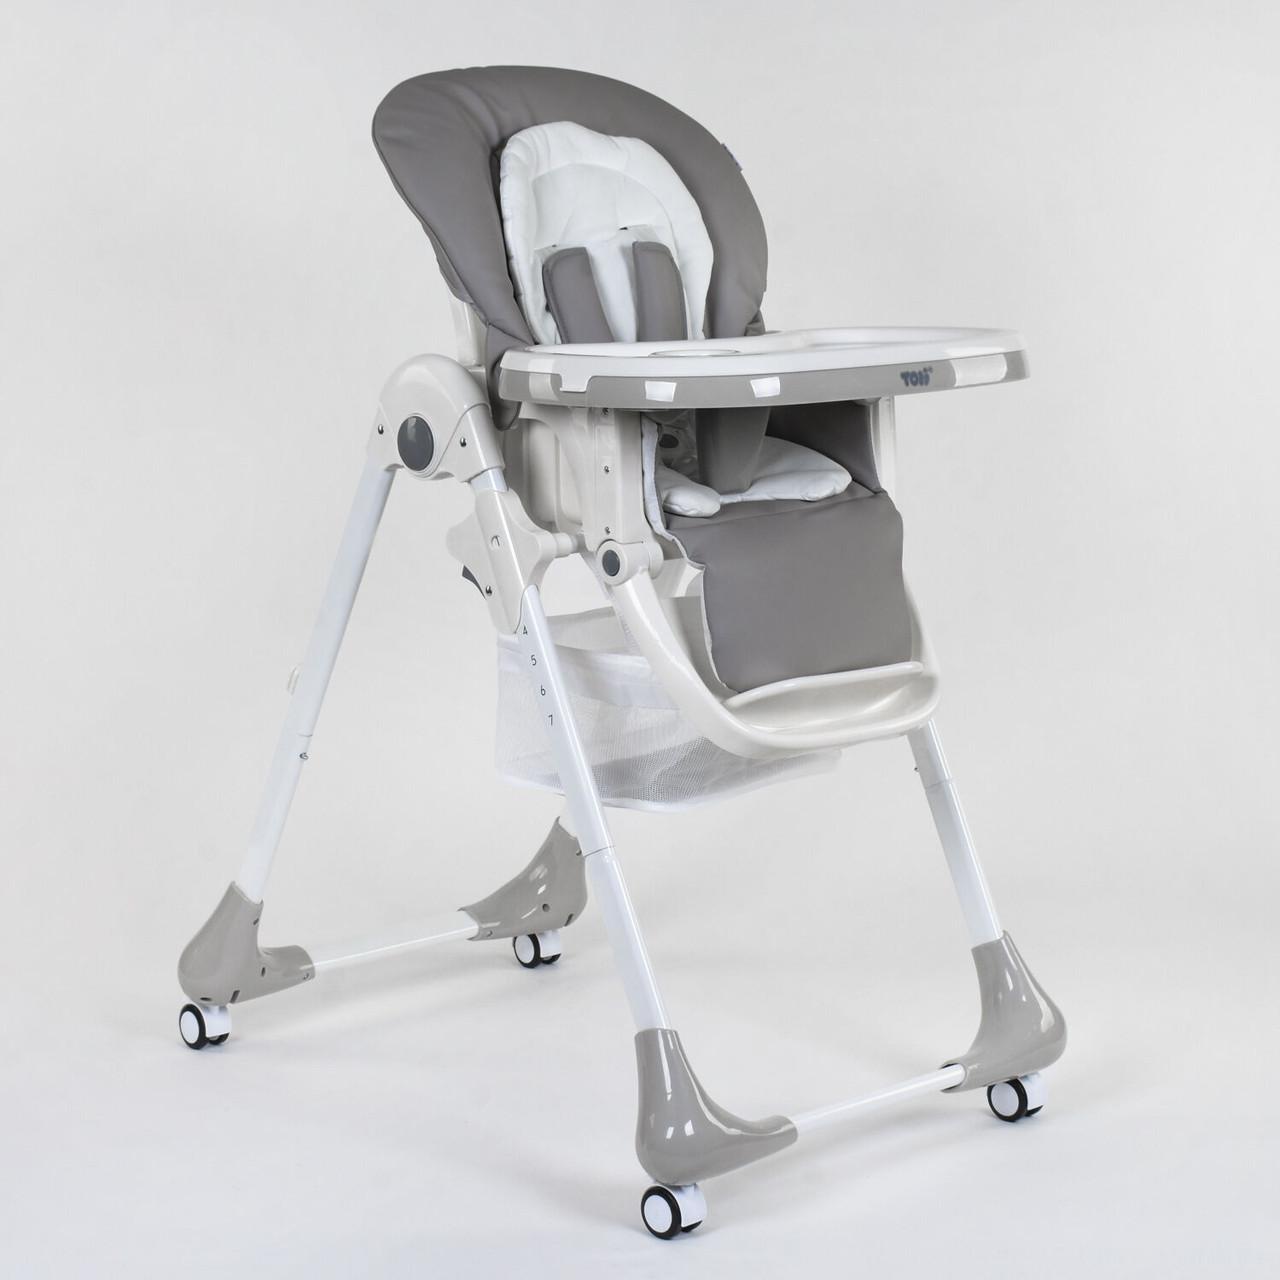 Детский стульчик для кормления Toti W-55800 Гарантия качества Быстрая доставка